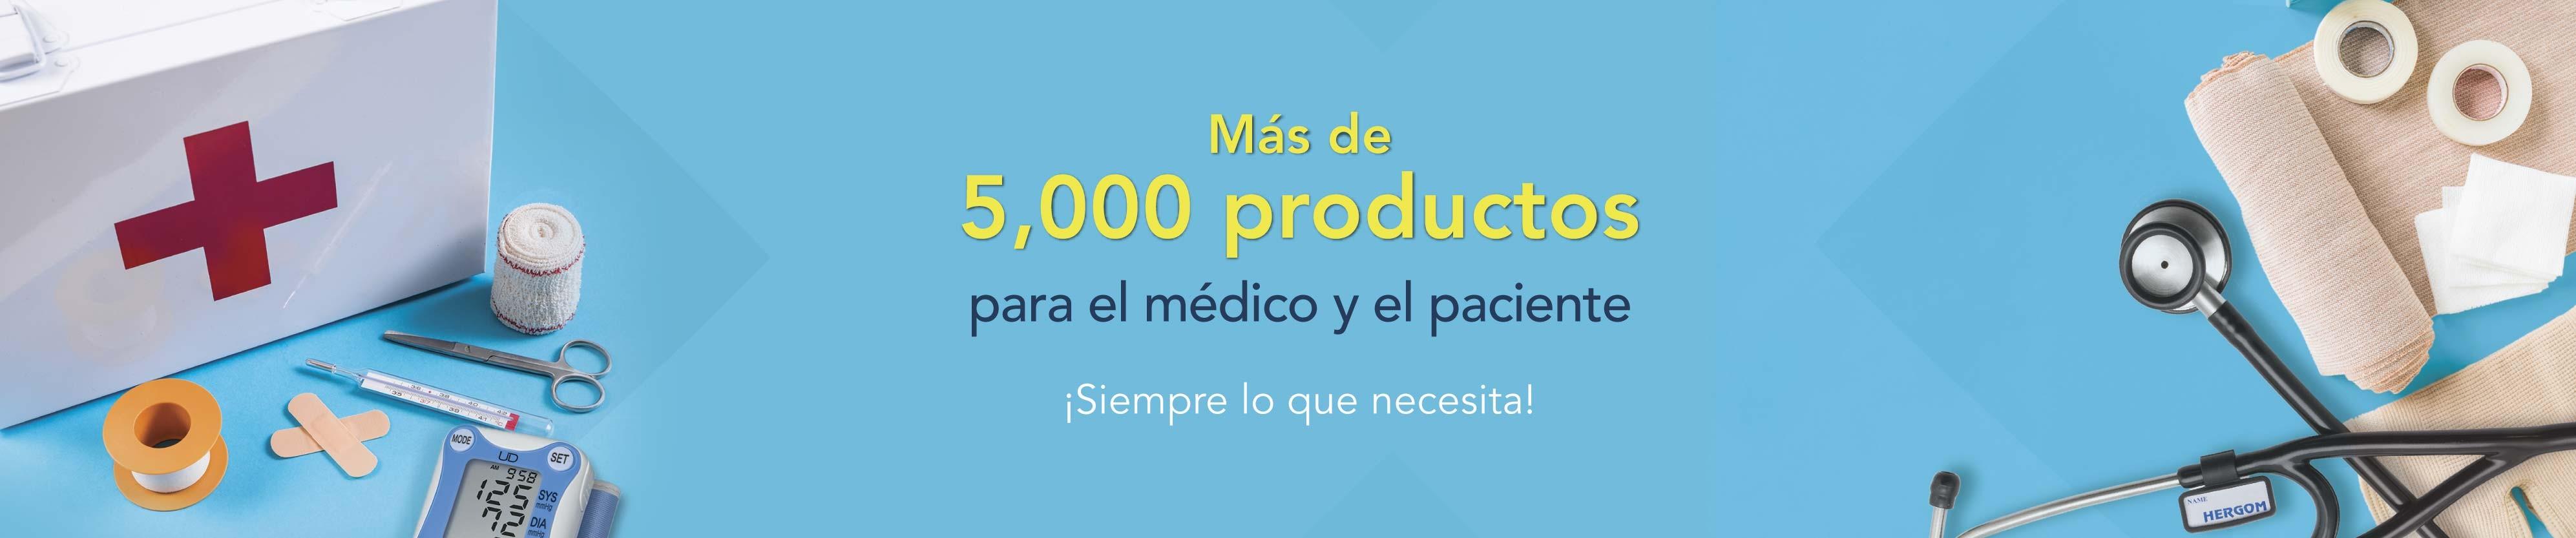 Mas de 5000 productos